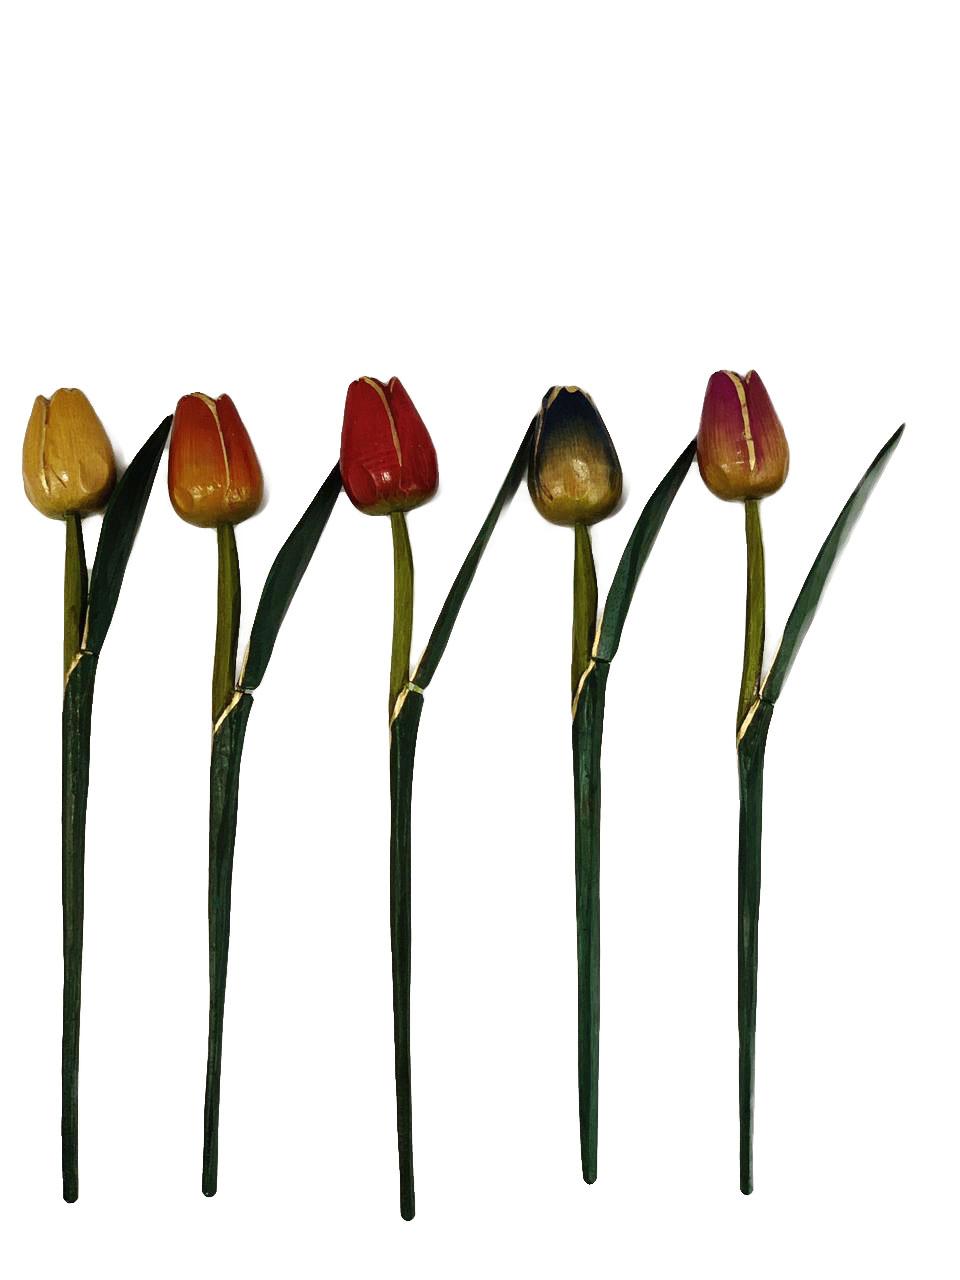 Escultura Flor de Tulipa com Pintura Envelhecida ( 30 cm ) Fechada *PROMOÇÃO: 03 POR R$18*